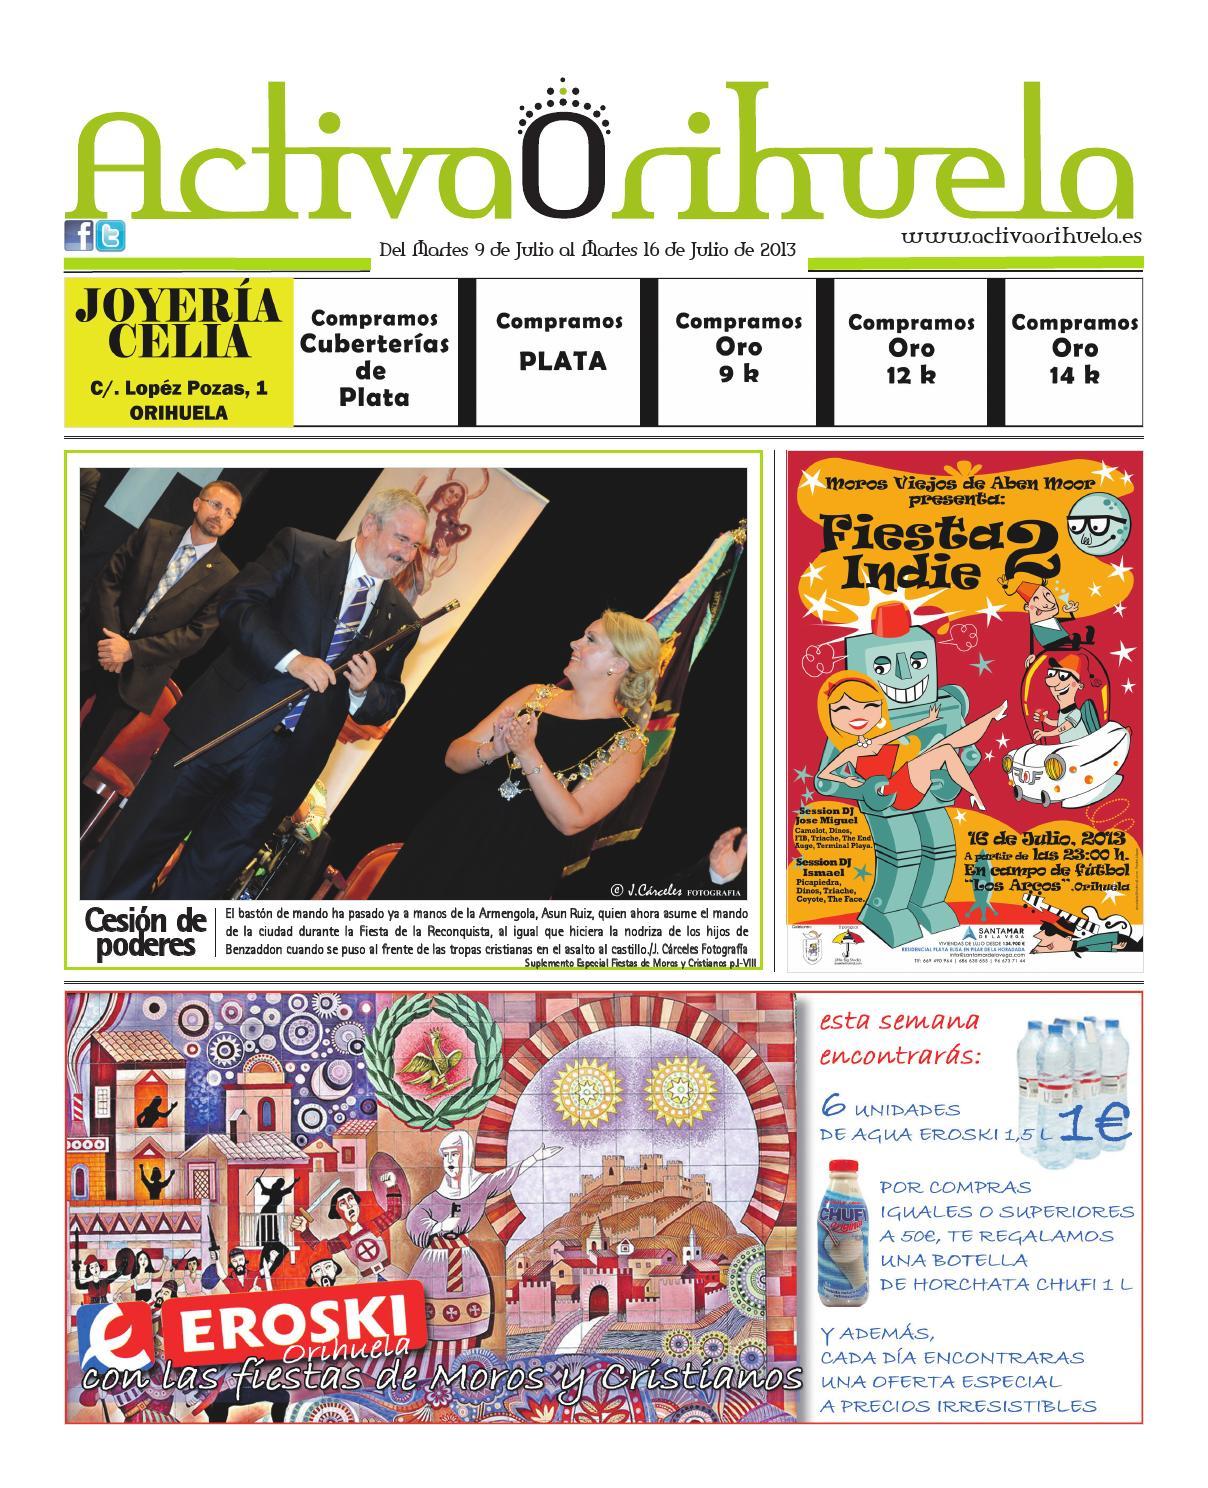 Activaorihuela martes 9 de julio de 2013 by Activaorihuela - issuu